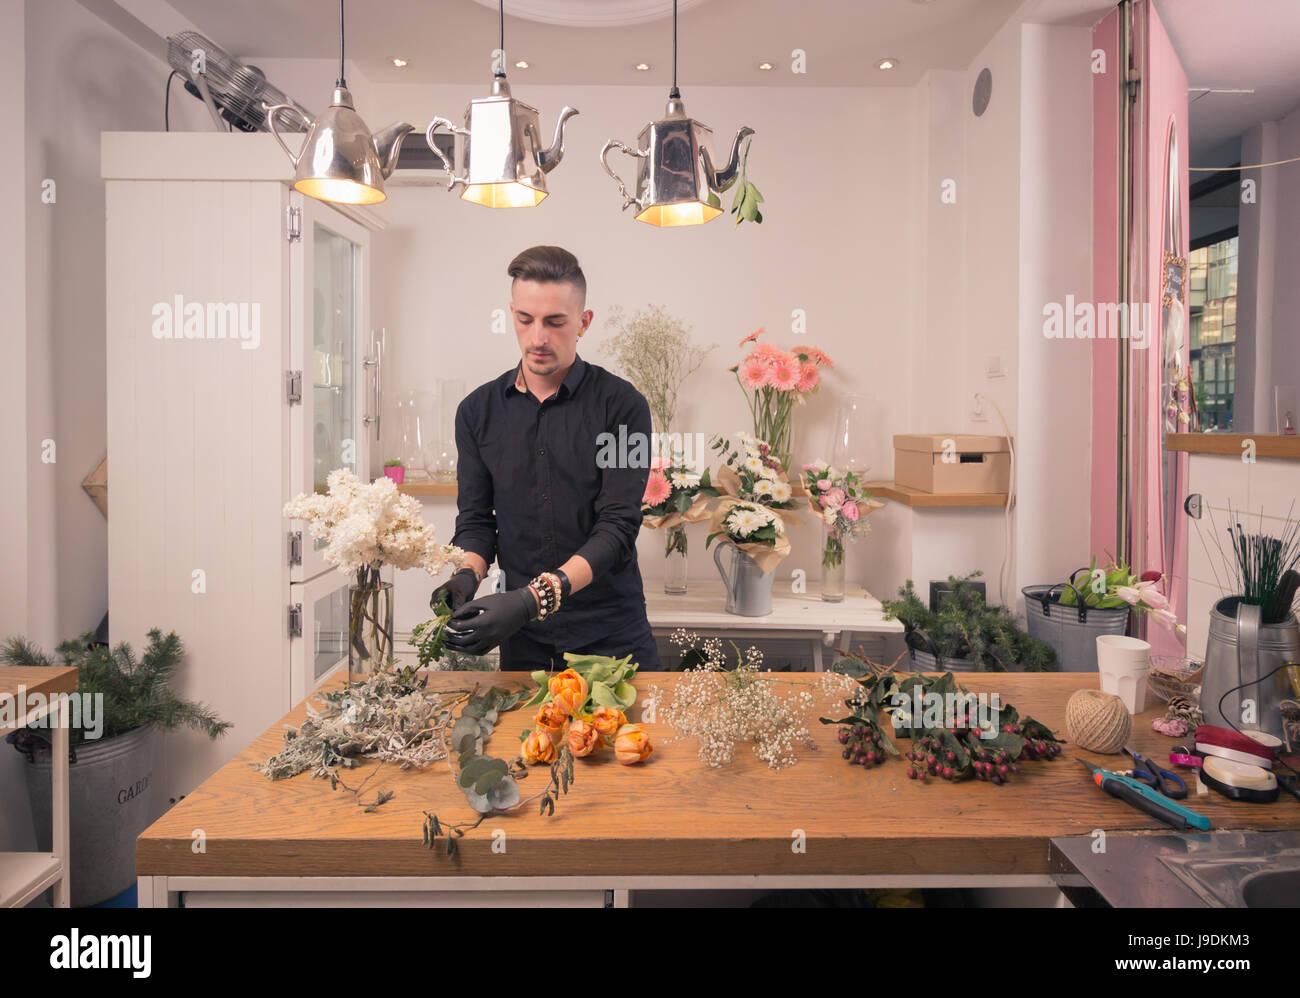 ein Erwachsener Jüngling, Blumengeschäft, Anordnen von Blumen, Blumenladen im Innenbereich Stockbild